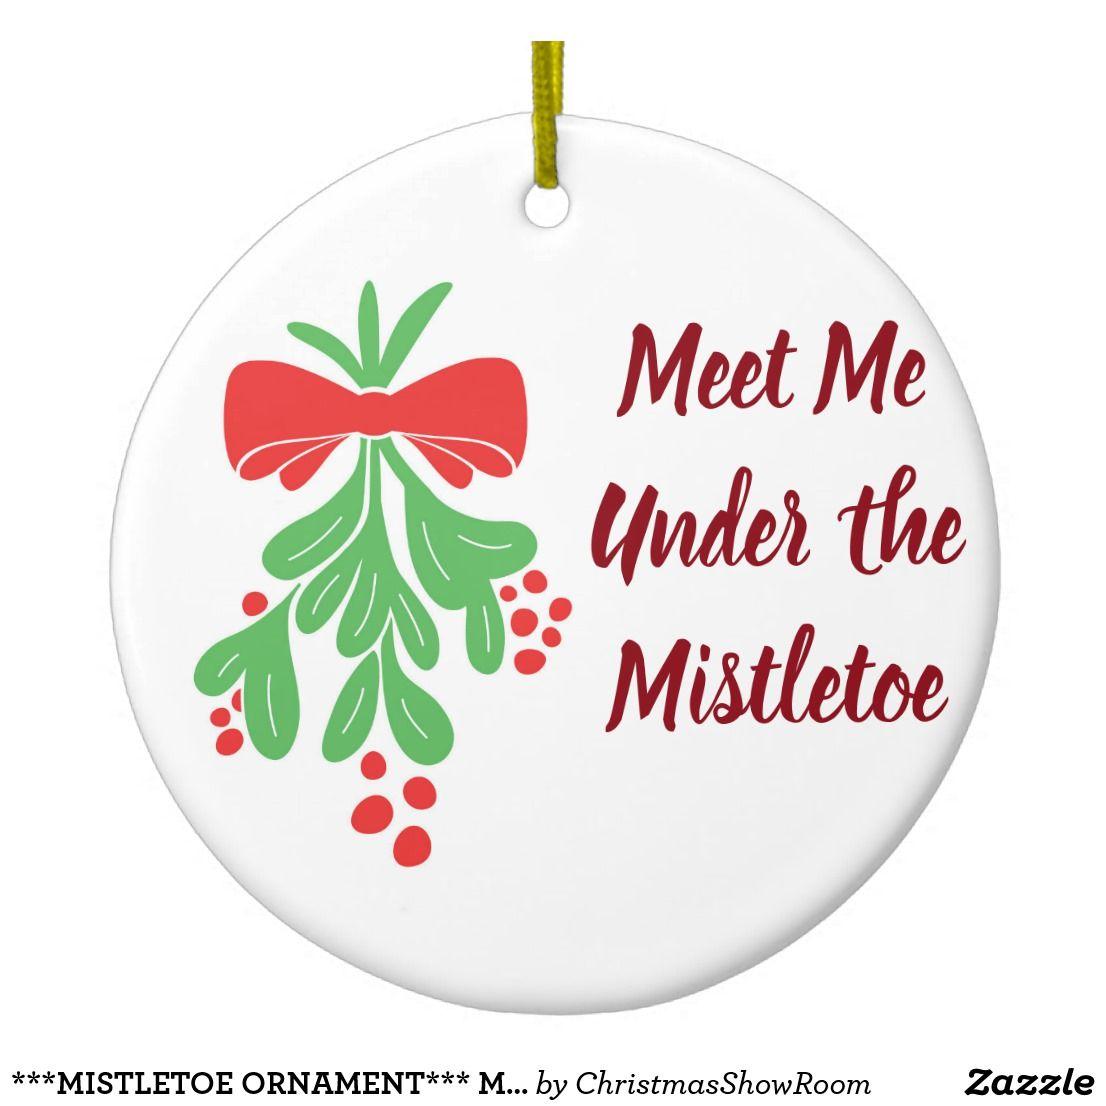 Mistletoe ornament meet me under mistletoe ceramic ornament mistletoe ornament meet me under mistletoe ceramic ornament buycottarizona Image collections